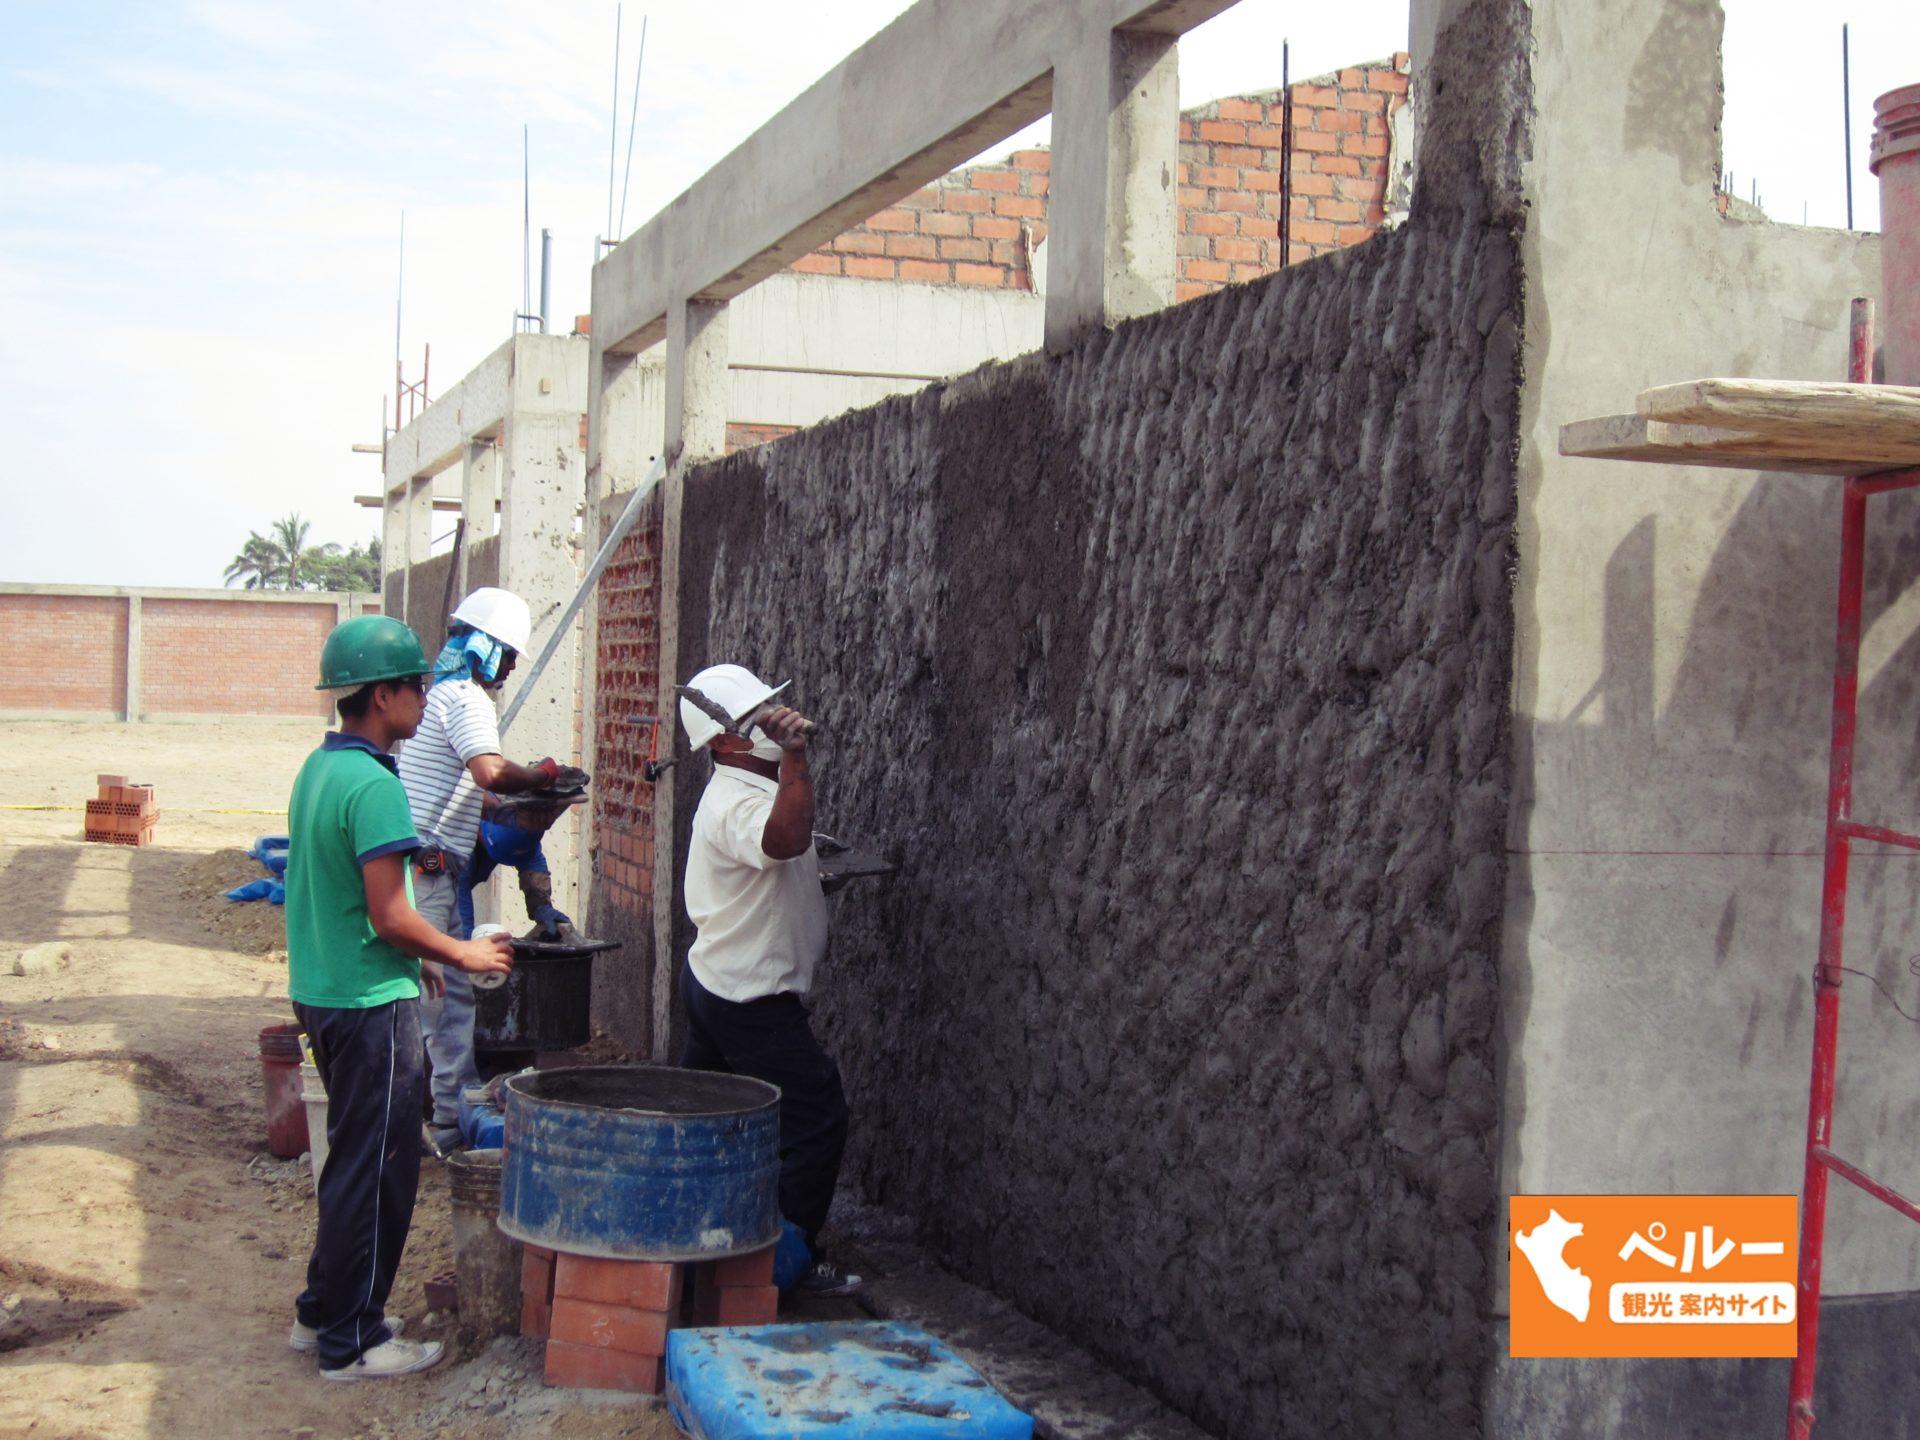 ペルー, 工事, セメント, コンクリート